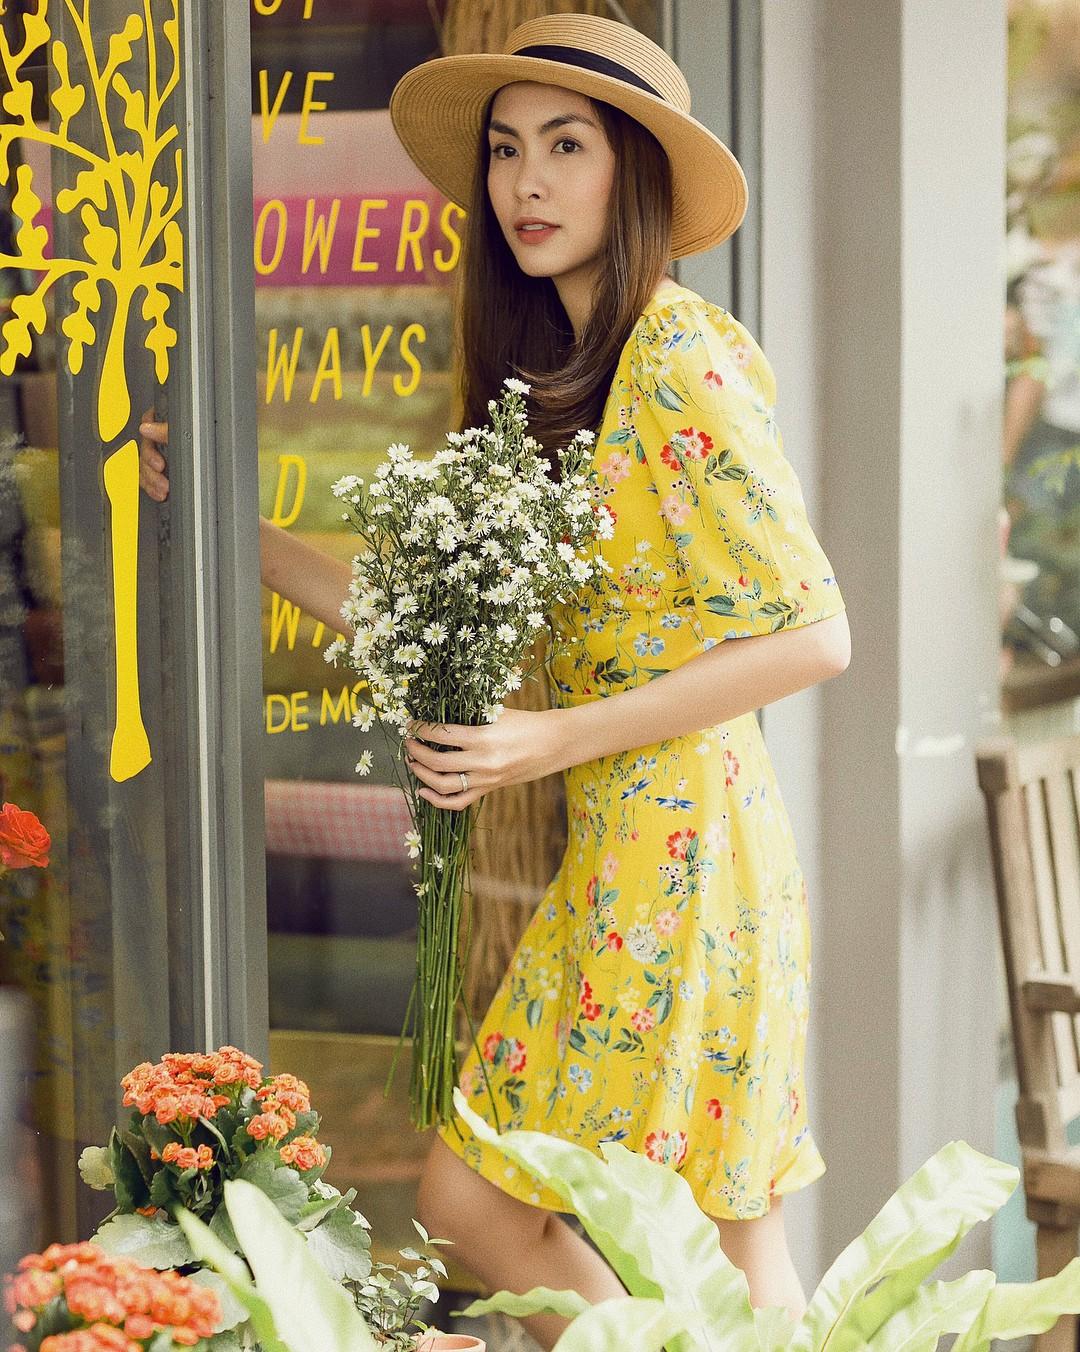 Mỗi lần Hà Tăng diện váy hoa là lại khiến dân mạng xốn xang, mới đăng ảnh chưa đến 1 tiếng mà hơn 11 ngàn người thả tim - Ảnh 3.